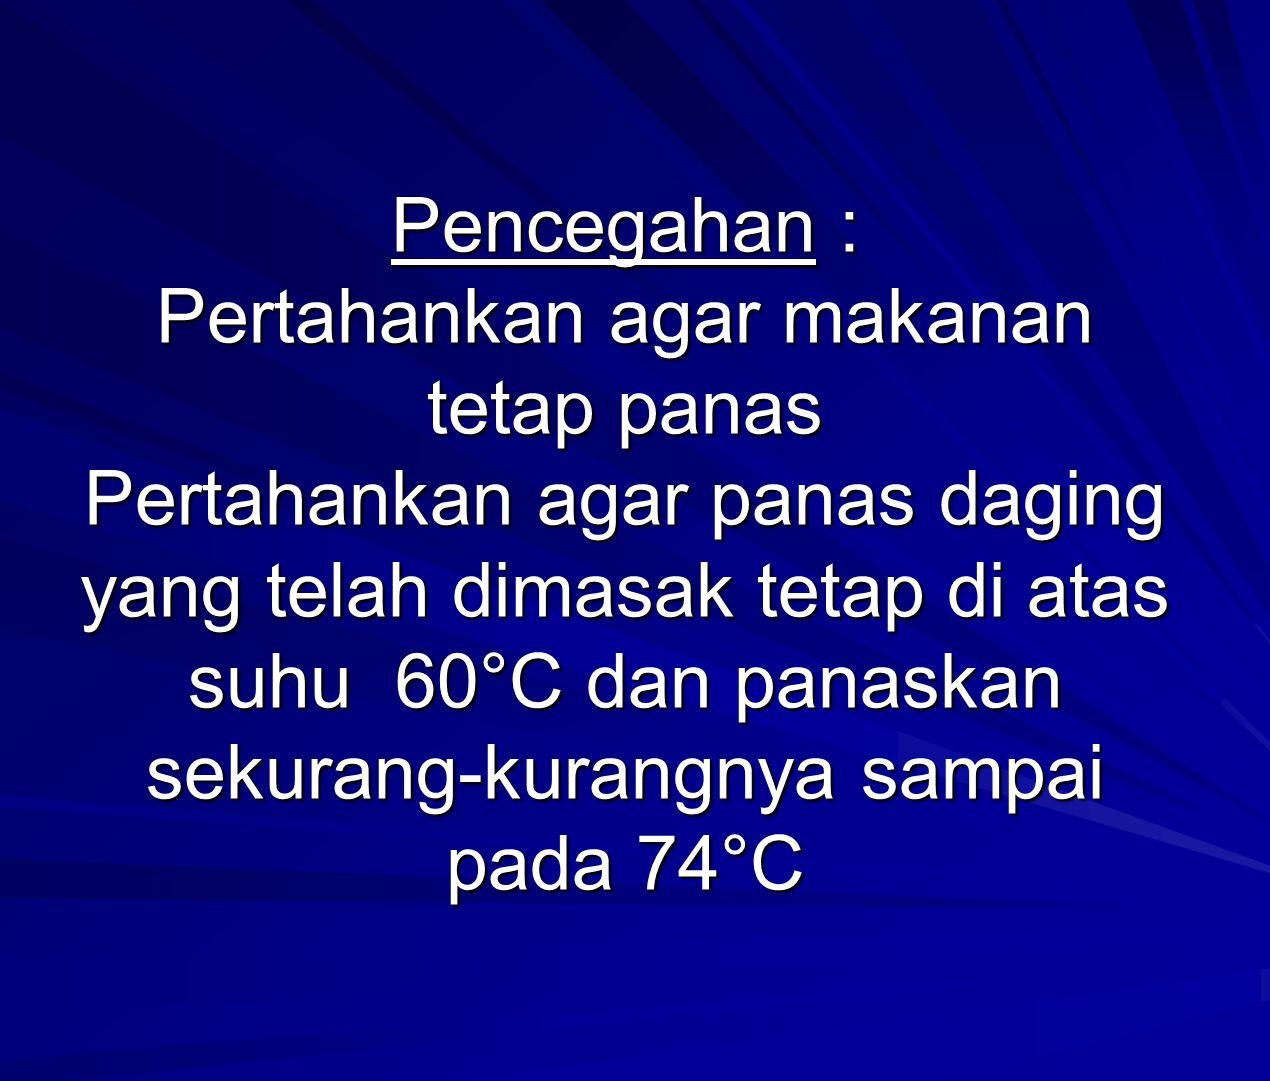 Pencegahan : Pertahankan agar makanan tetap panas Pertahankan agar panas daging yang telah dimasak tetap di atas suhu 60°C dan panaskan sekurang-kurangnya sampai pada 74°C